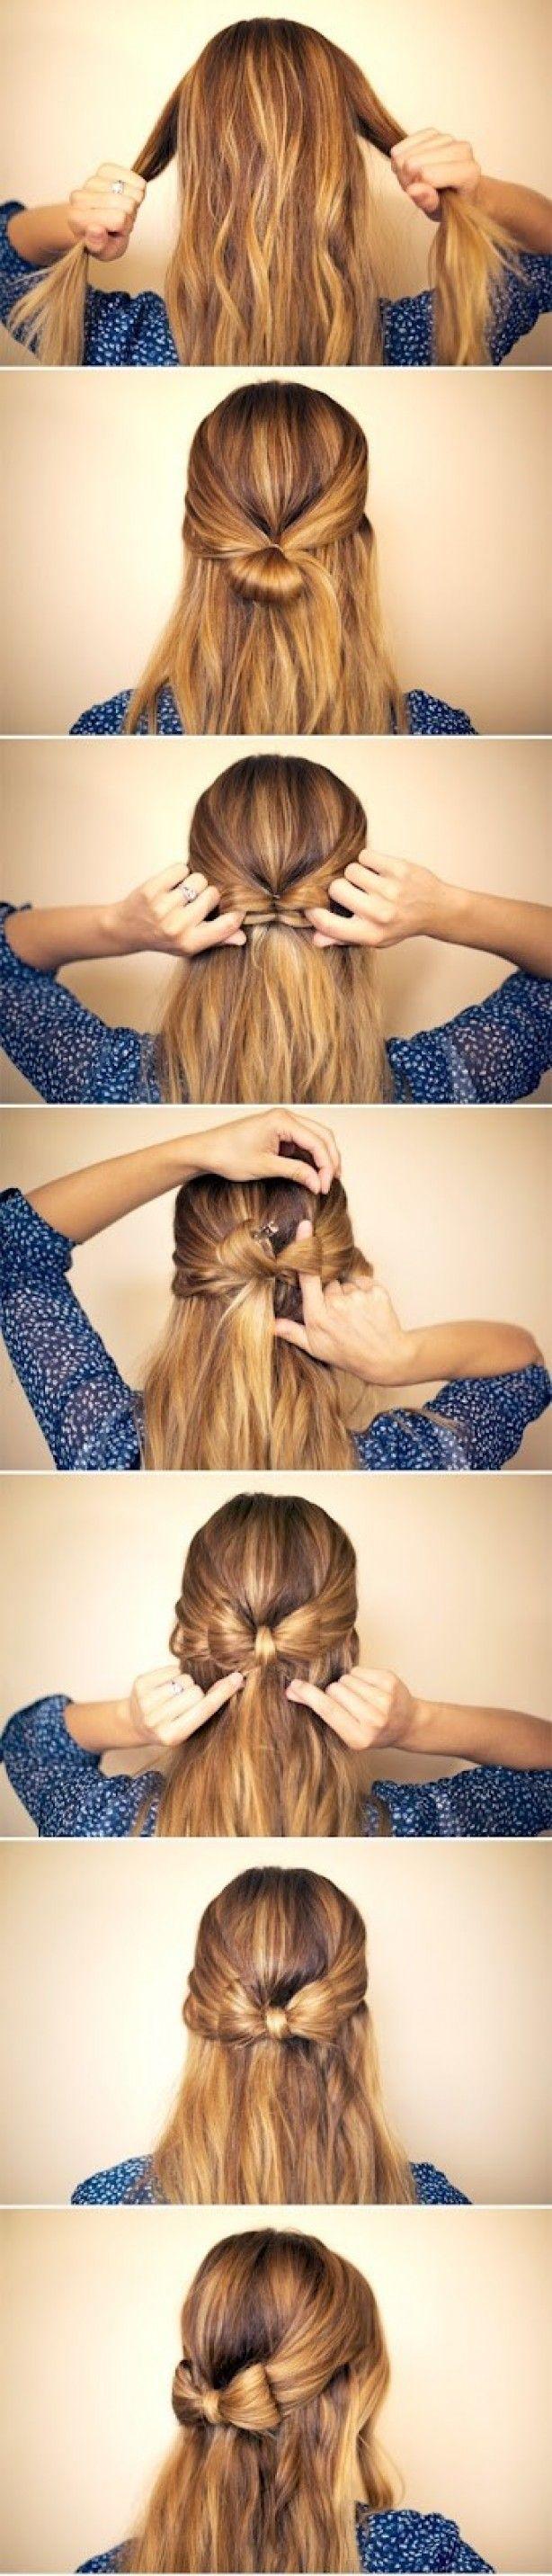 Strik in je haar. So cute